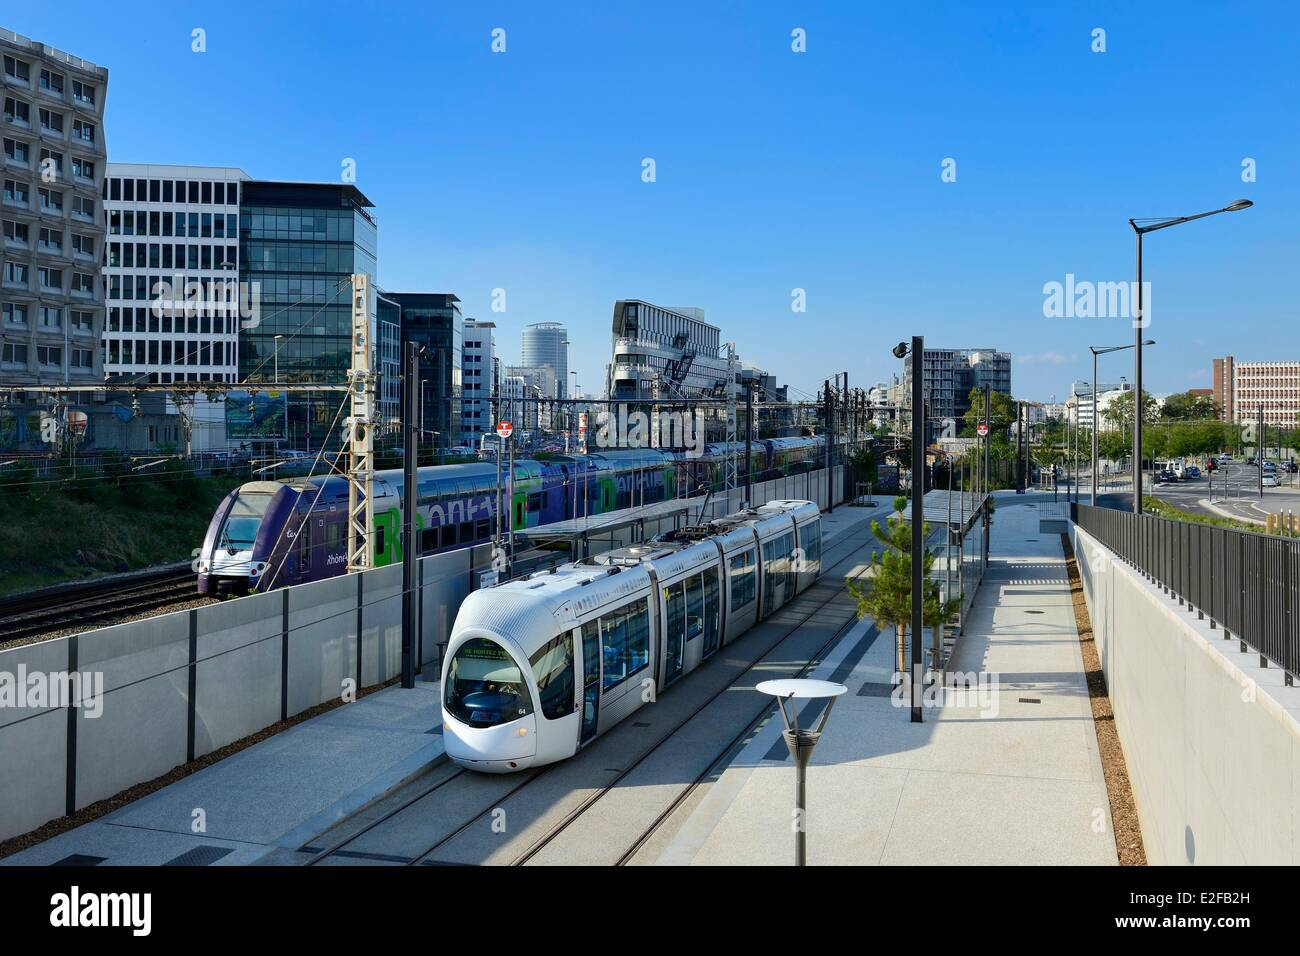 Frankreich, Rhone, Lyon, die Herstellung - Montluc Straßenbahn Haltestelle auf der Linie 4 Stockbild